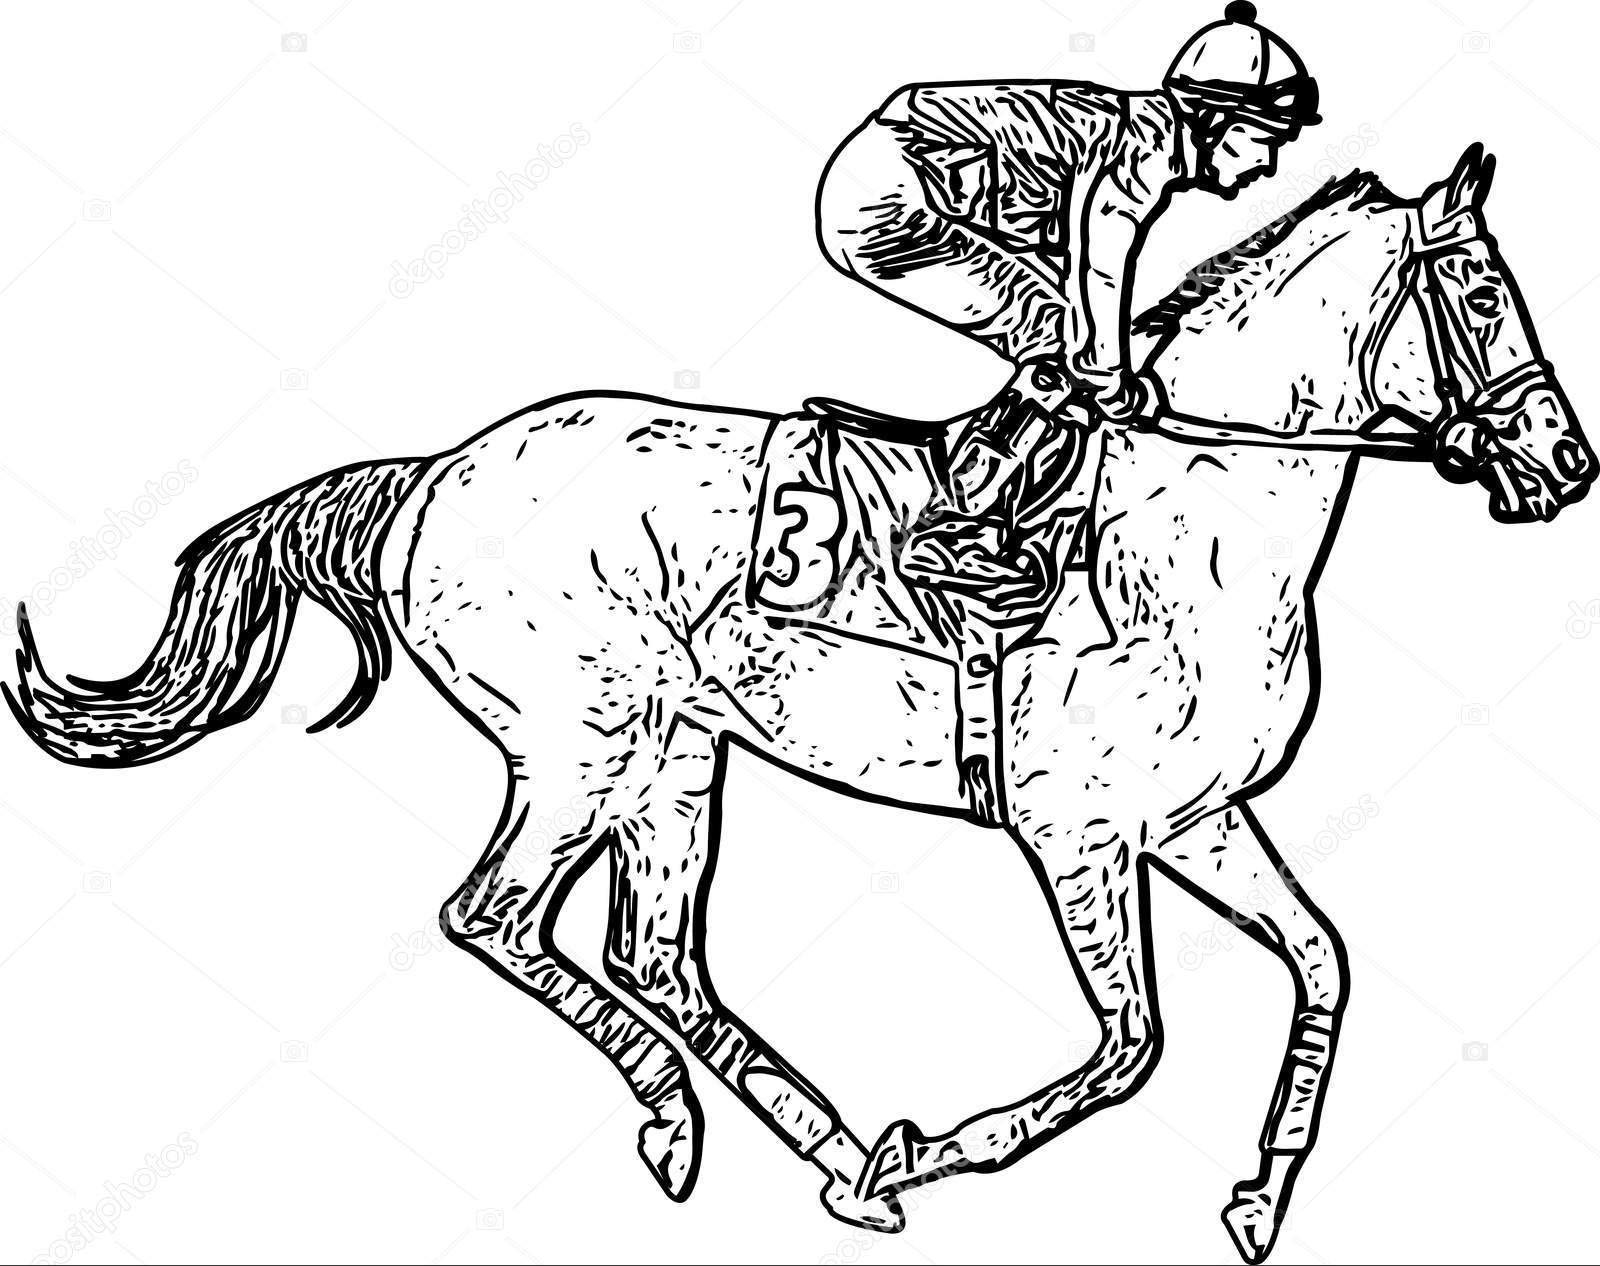 Как нарисовать человека на лошади: красивый и простой рисунок